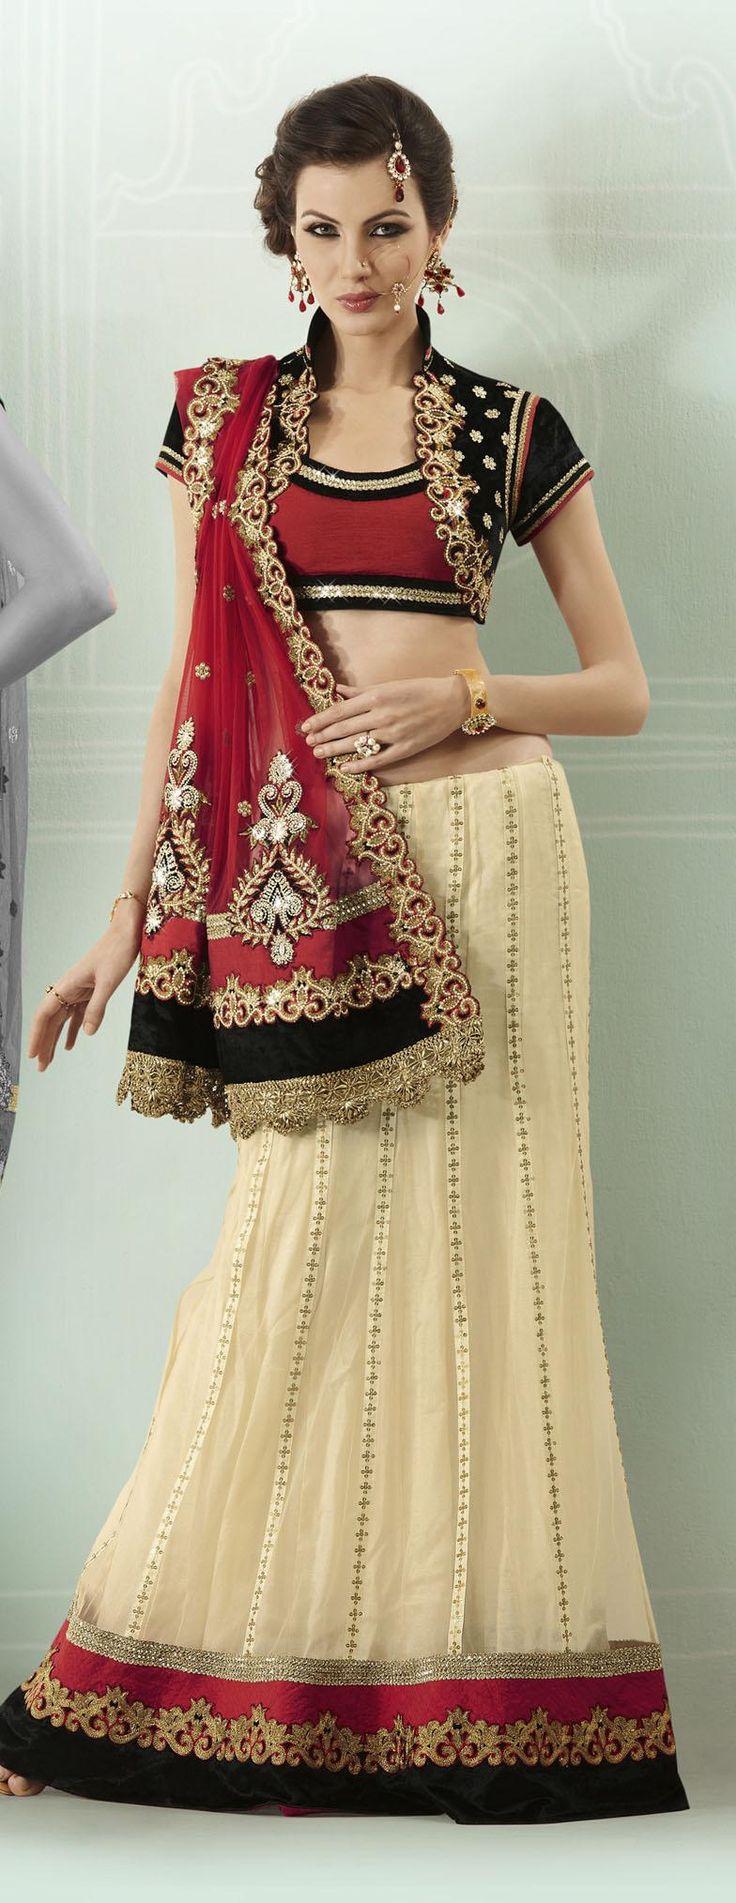 $134.42 Red and Cream Stone Work Net Lehenga Style Saree 22800